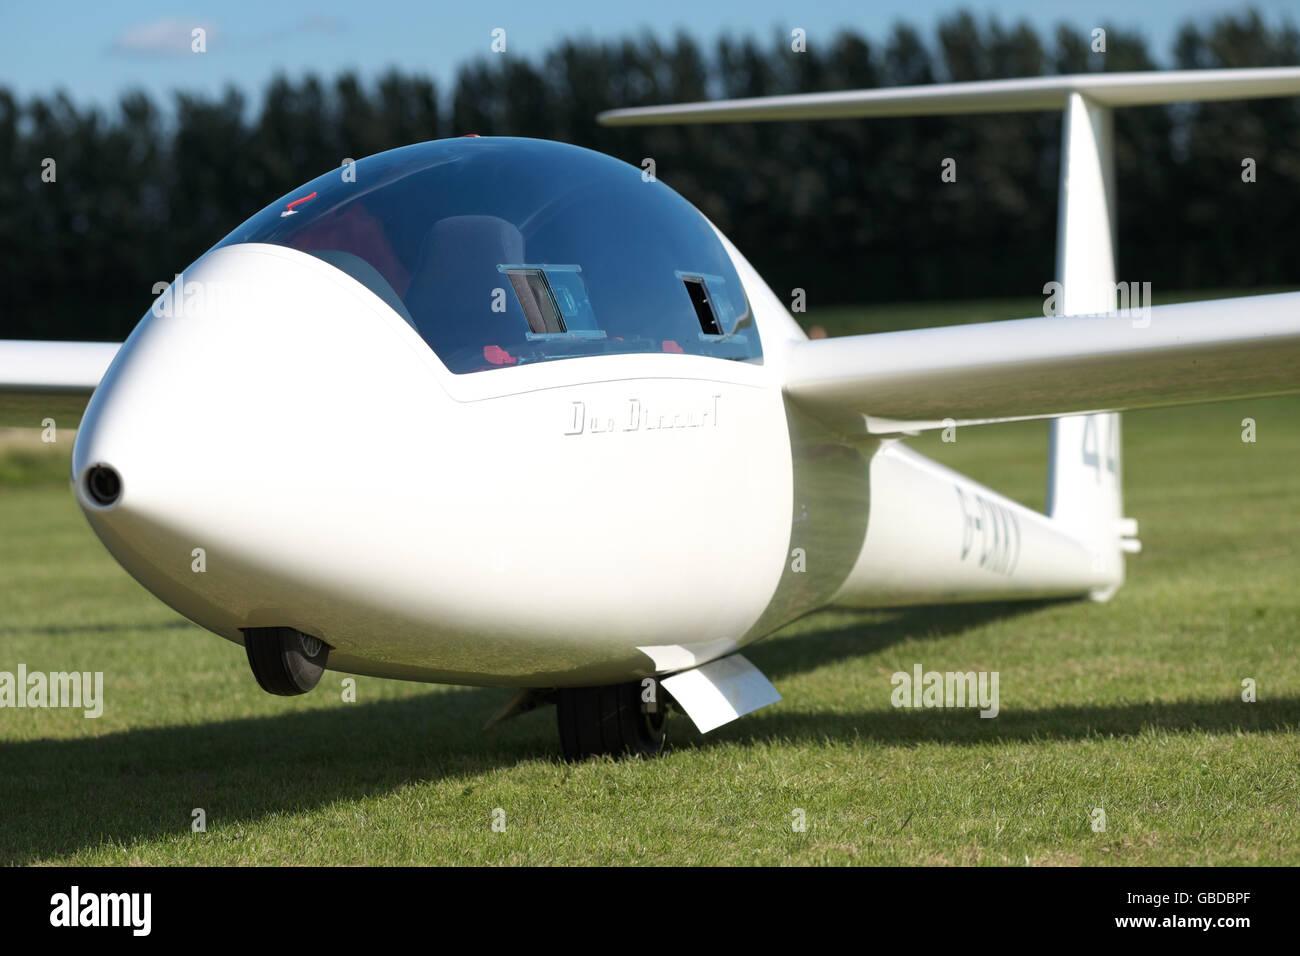 schempp hirth duo discus t modern two seat glider sailplane stock